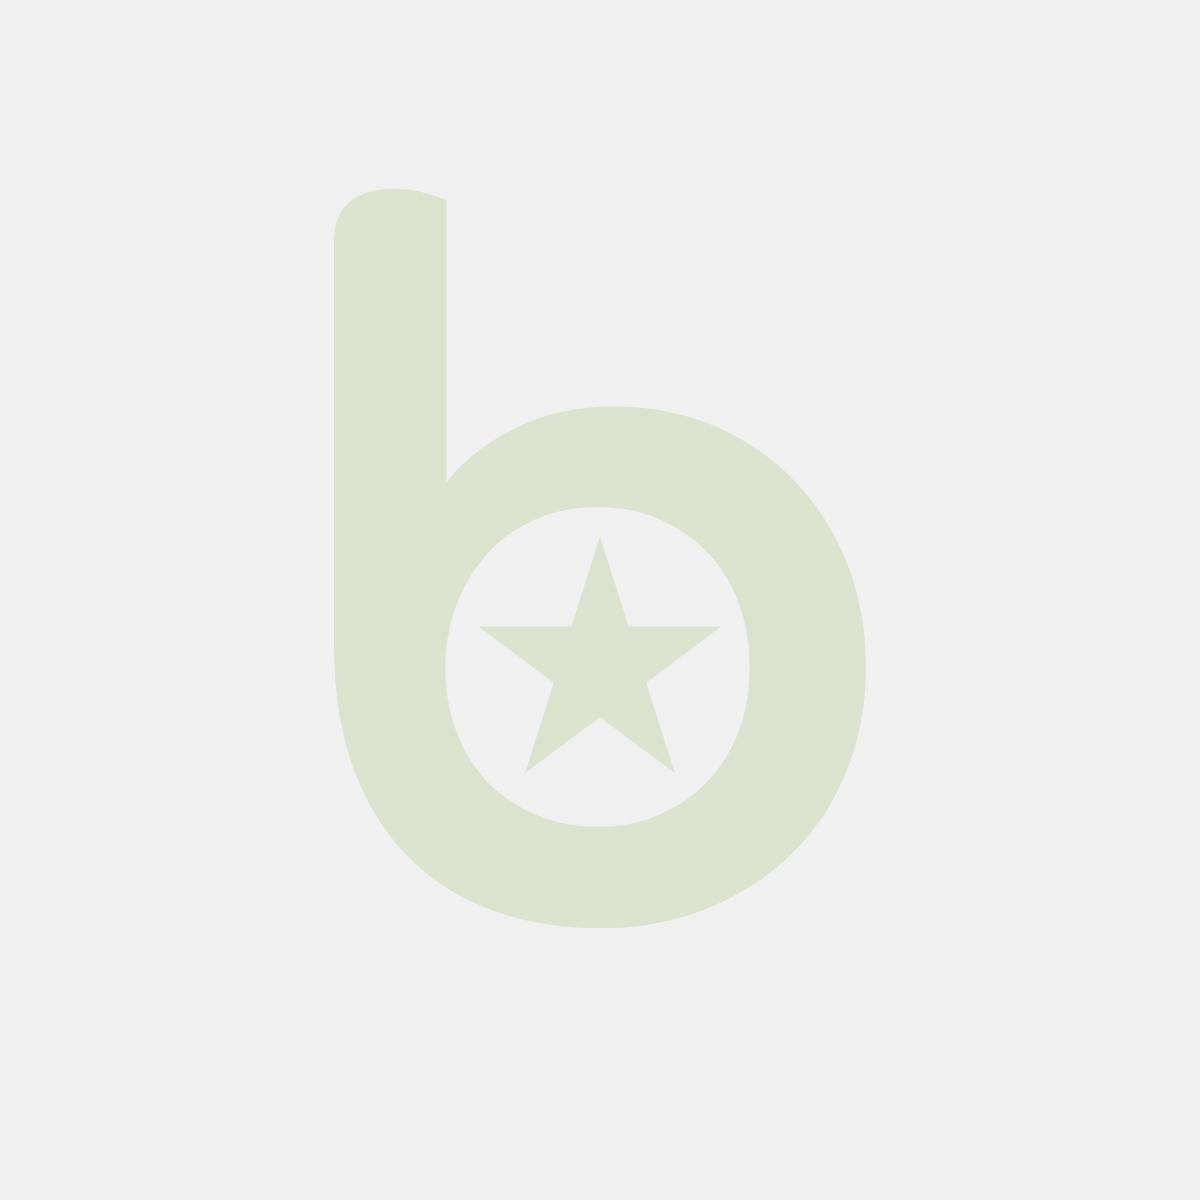 Ekspres do kawy kolbowy HENDI Top Line by Wega 1 grupowy - czarny - kod 208922